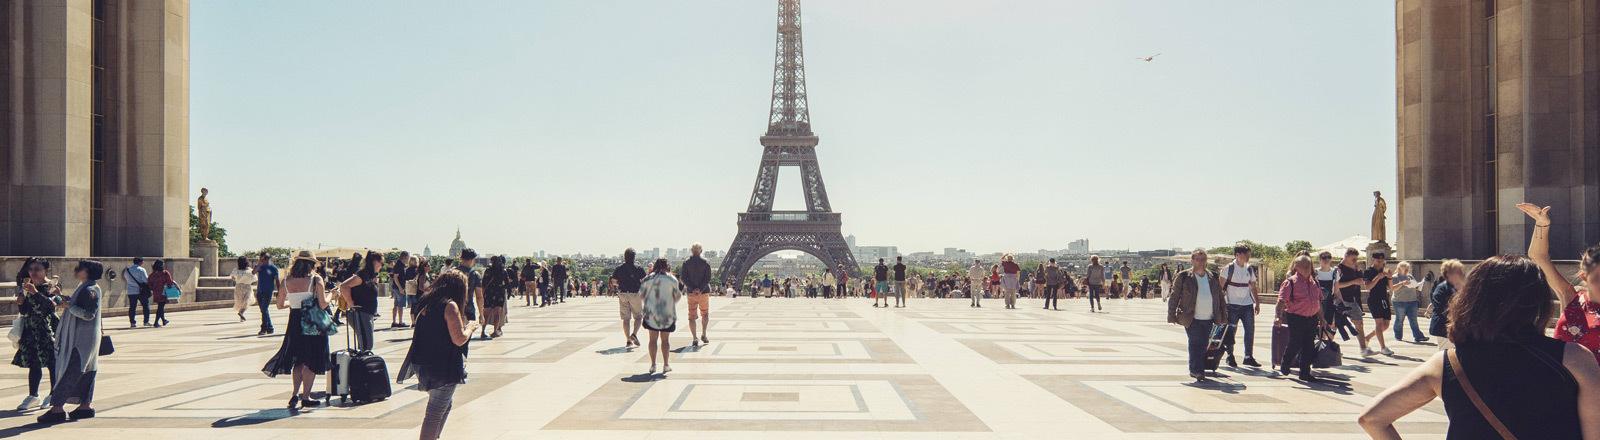 Der Eiffelturm in Paris.